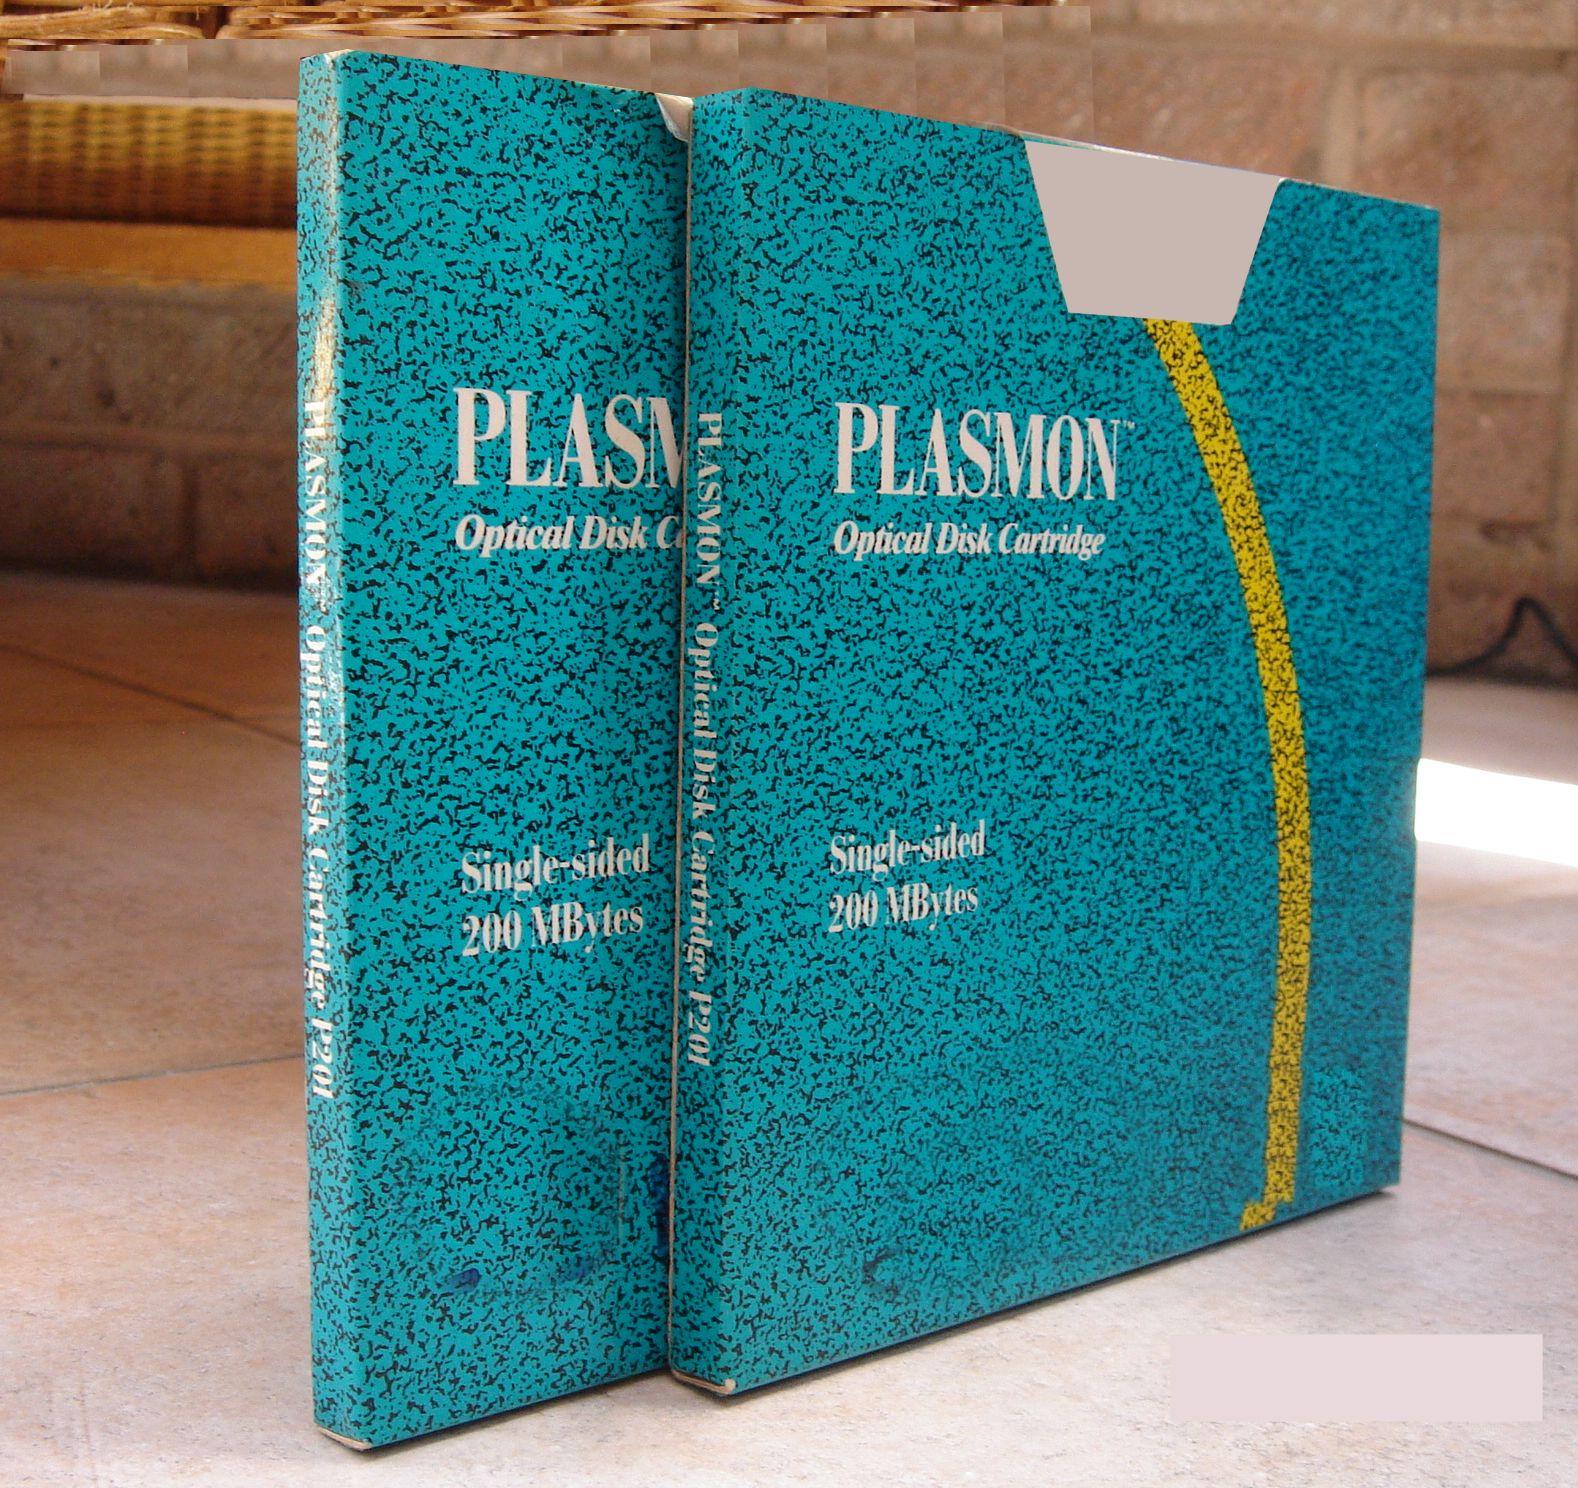 P201 200 mbytes  Plasmon disks ready for file transfer